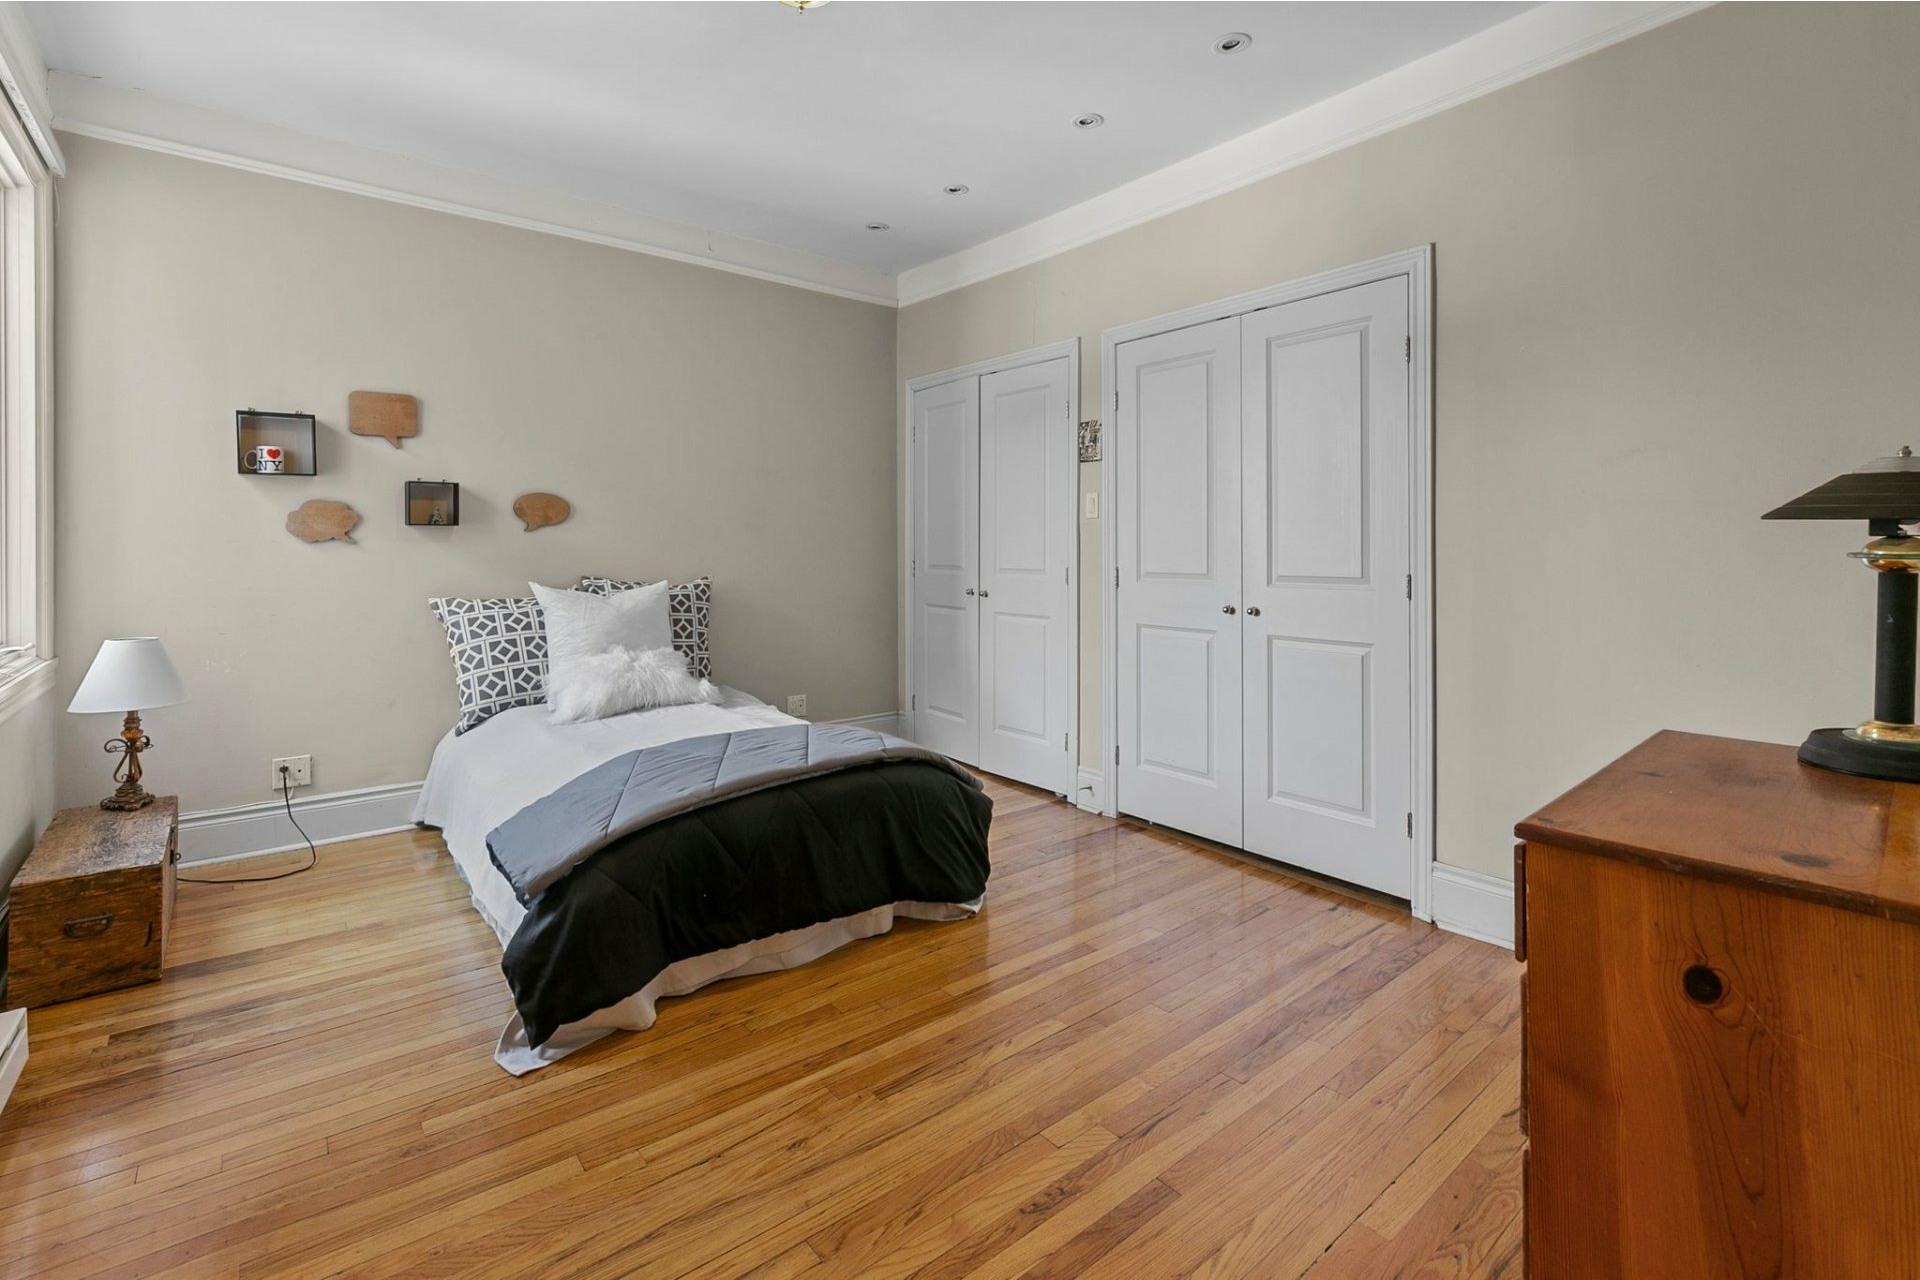 image 18 - Appartement À vendre Côte-des-Neiges/Notre-Dame-de-Grâce Montréal  - 10 pièces